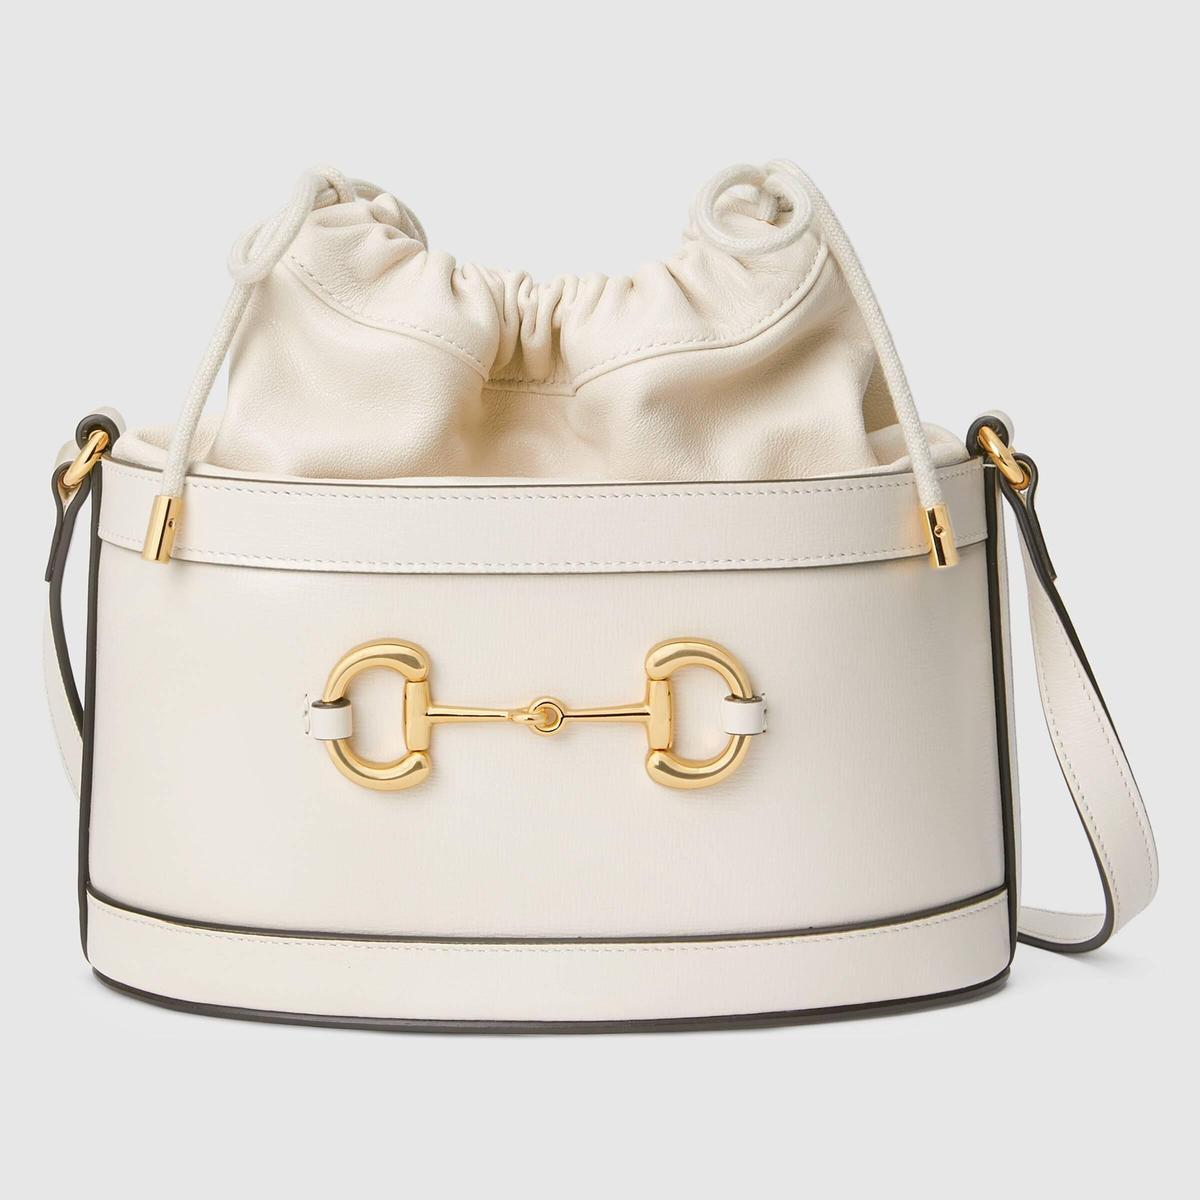 GUCCI 1955 Horsebit白色馬銜鍊水桶包。NT$67,500(GUCCI提供)